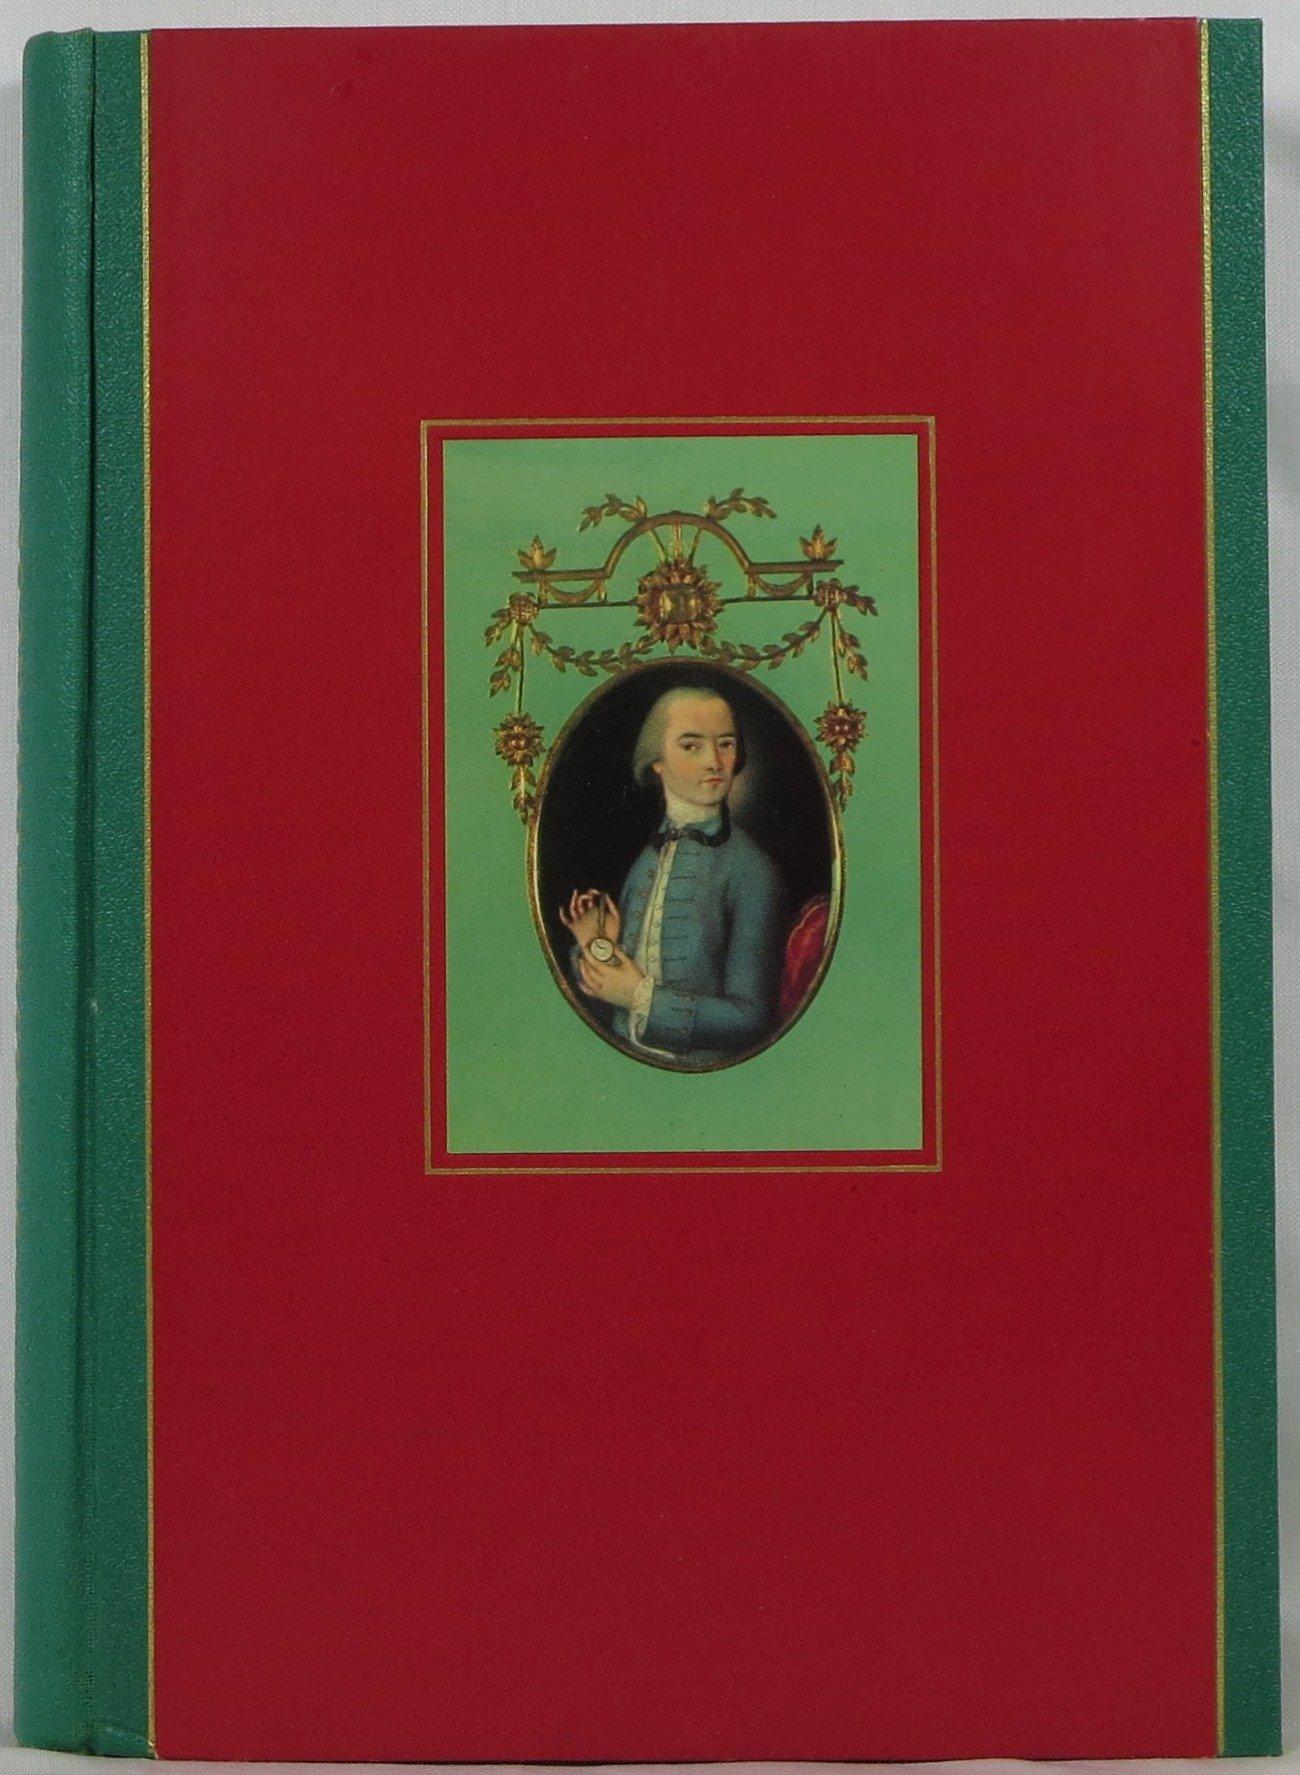 Relojes Antiguos, 1500-1850 (Spanish) Hardcover – 1955